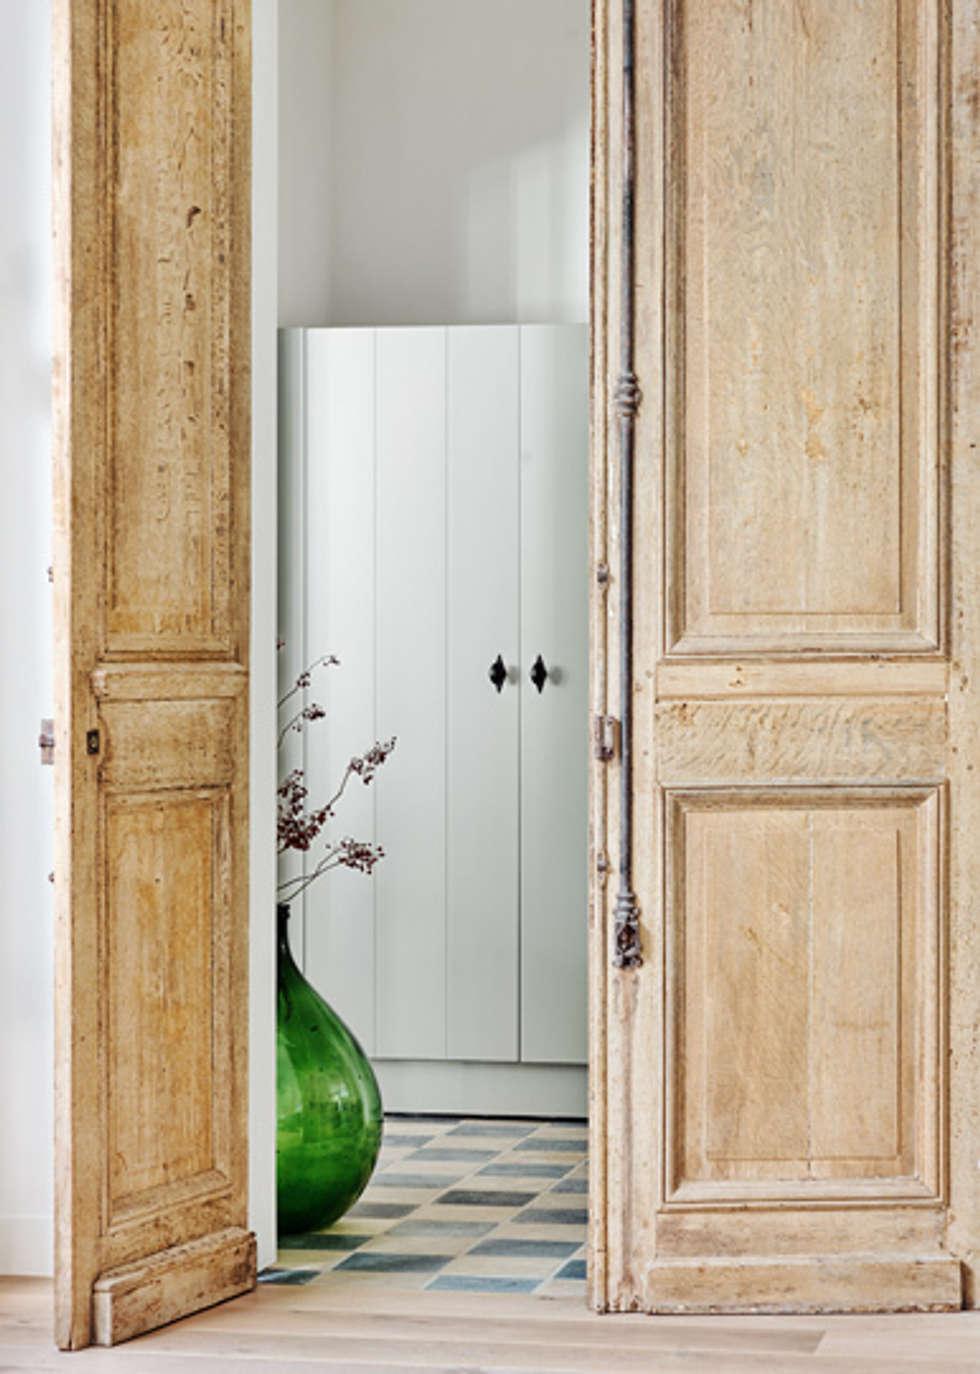 Wonen in het bos:  Gang en hal door Jolanda Knook interieurvormgeving